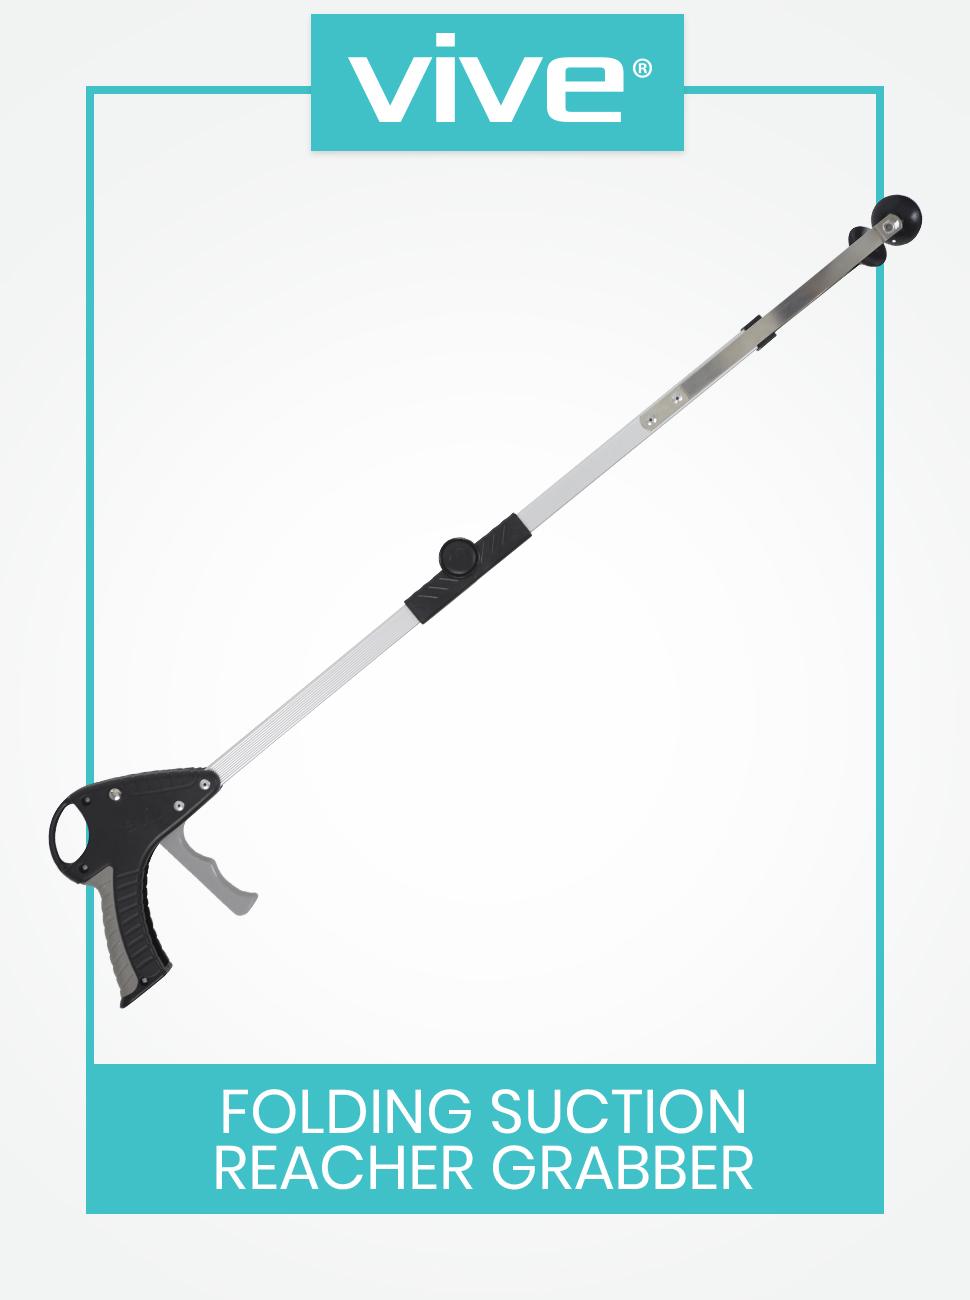 vive folding suction reacher grabber